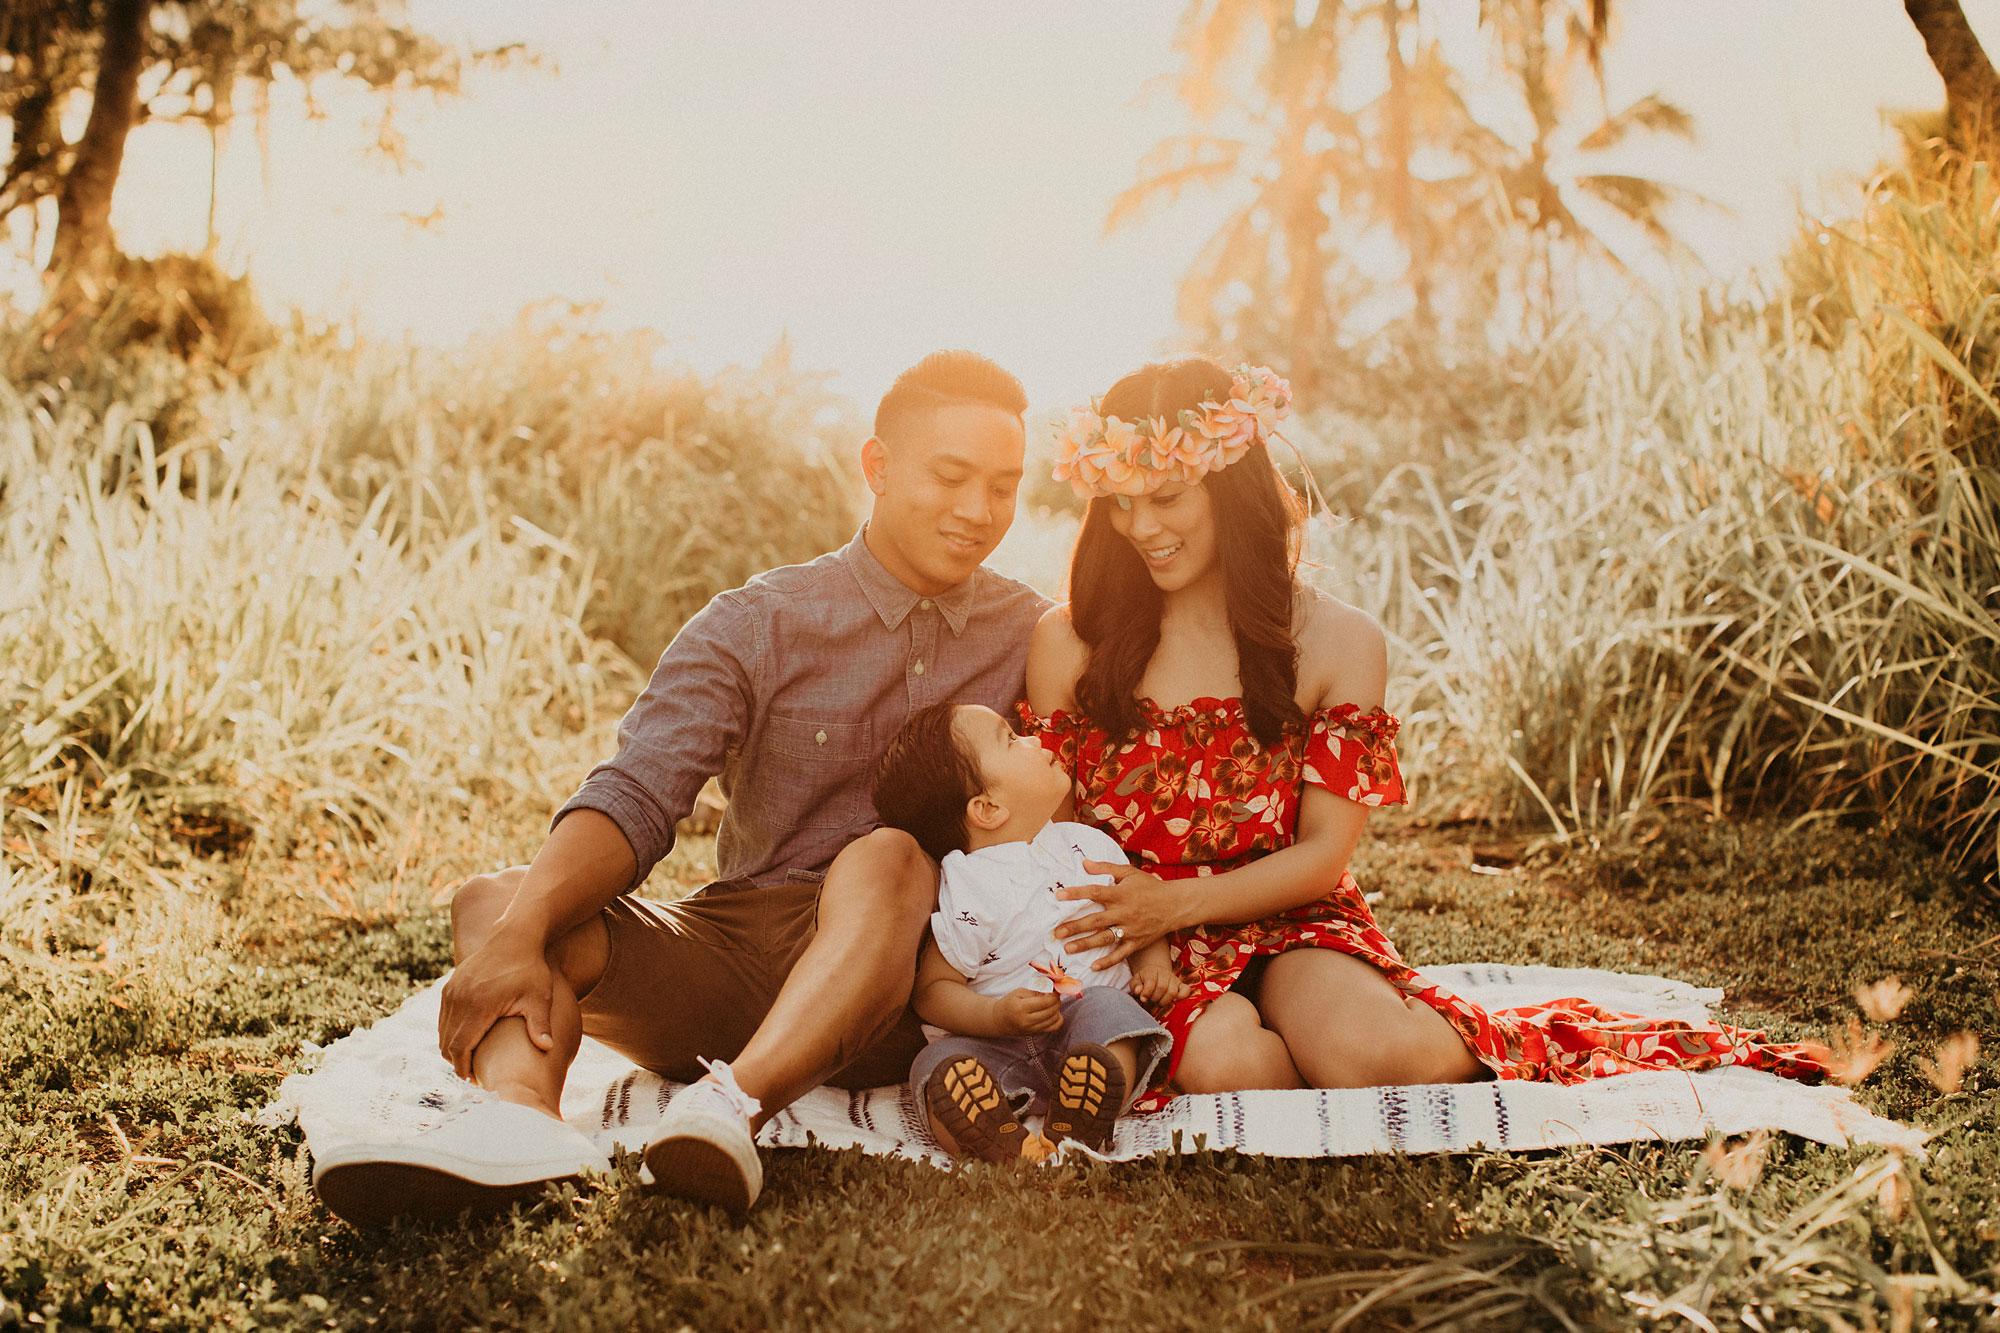 palm-tree-jungle-oahu-family-photographer-01.jpg